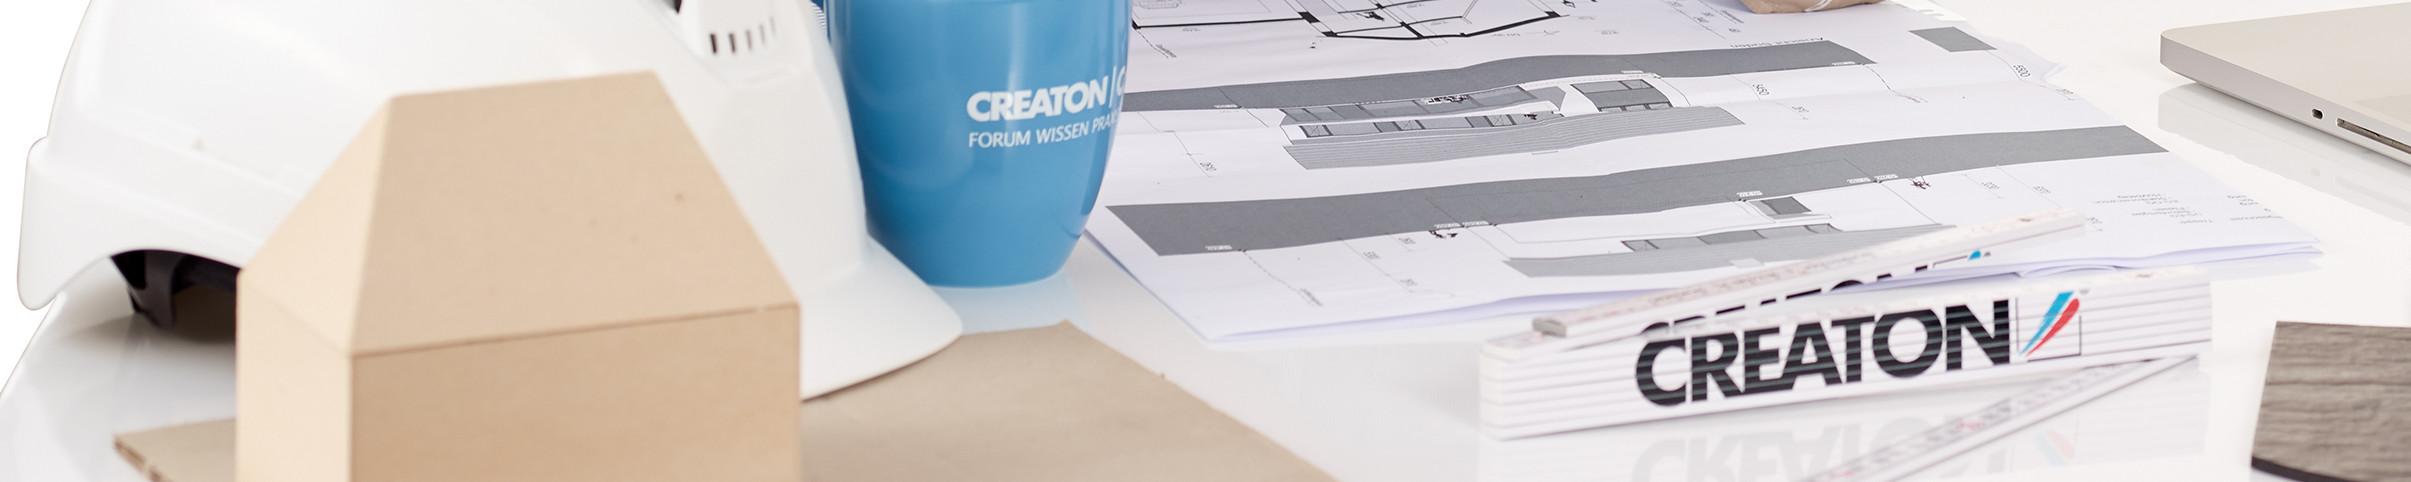 Schreibtisch mit Bauplan